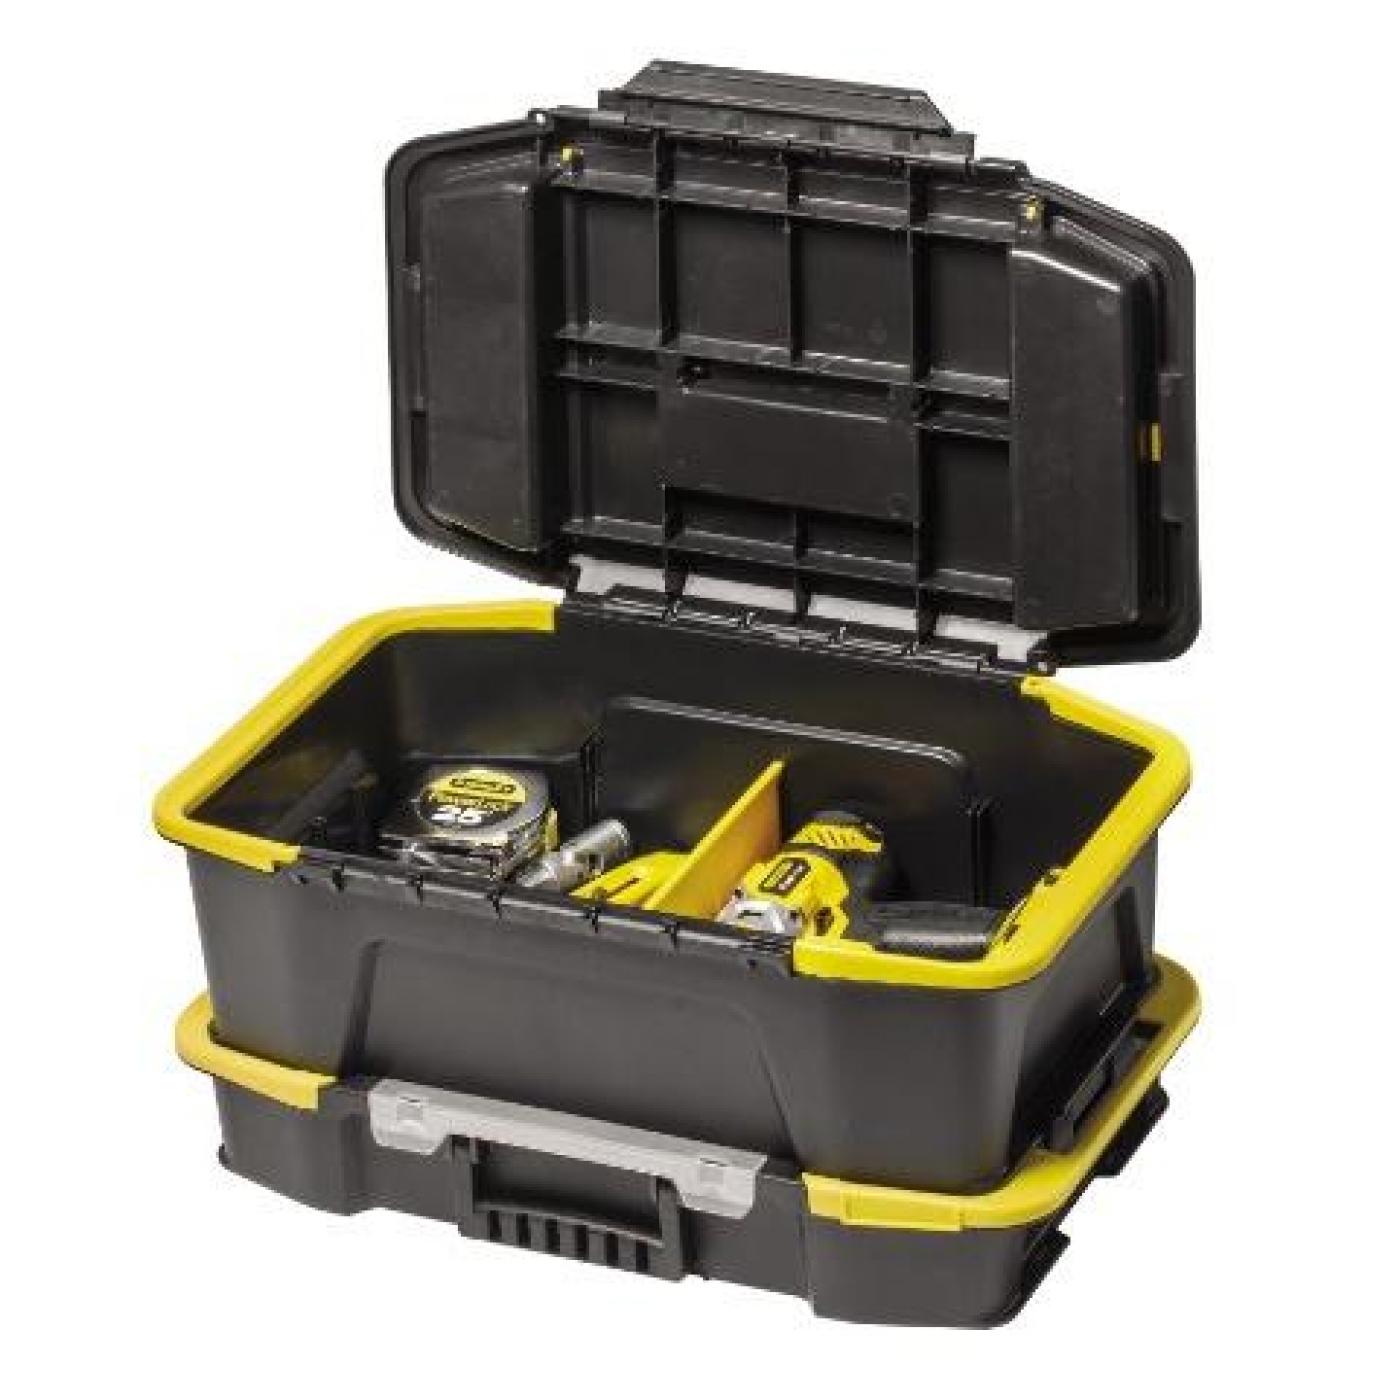 Caja de herramientas y organizador click connect stanley - Caja herramientas stanley ...